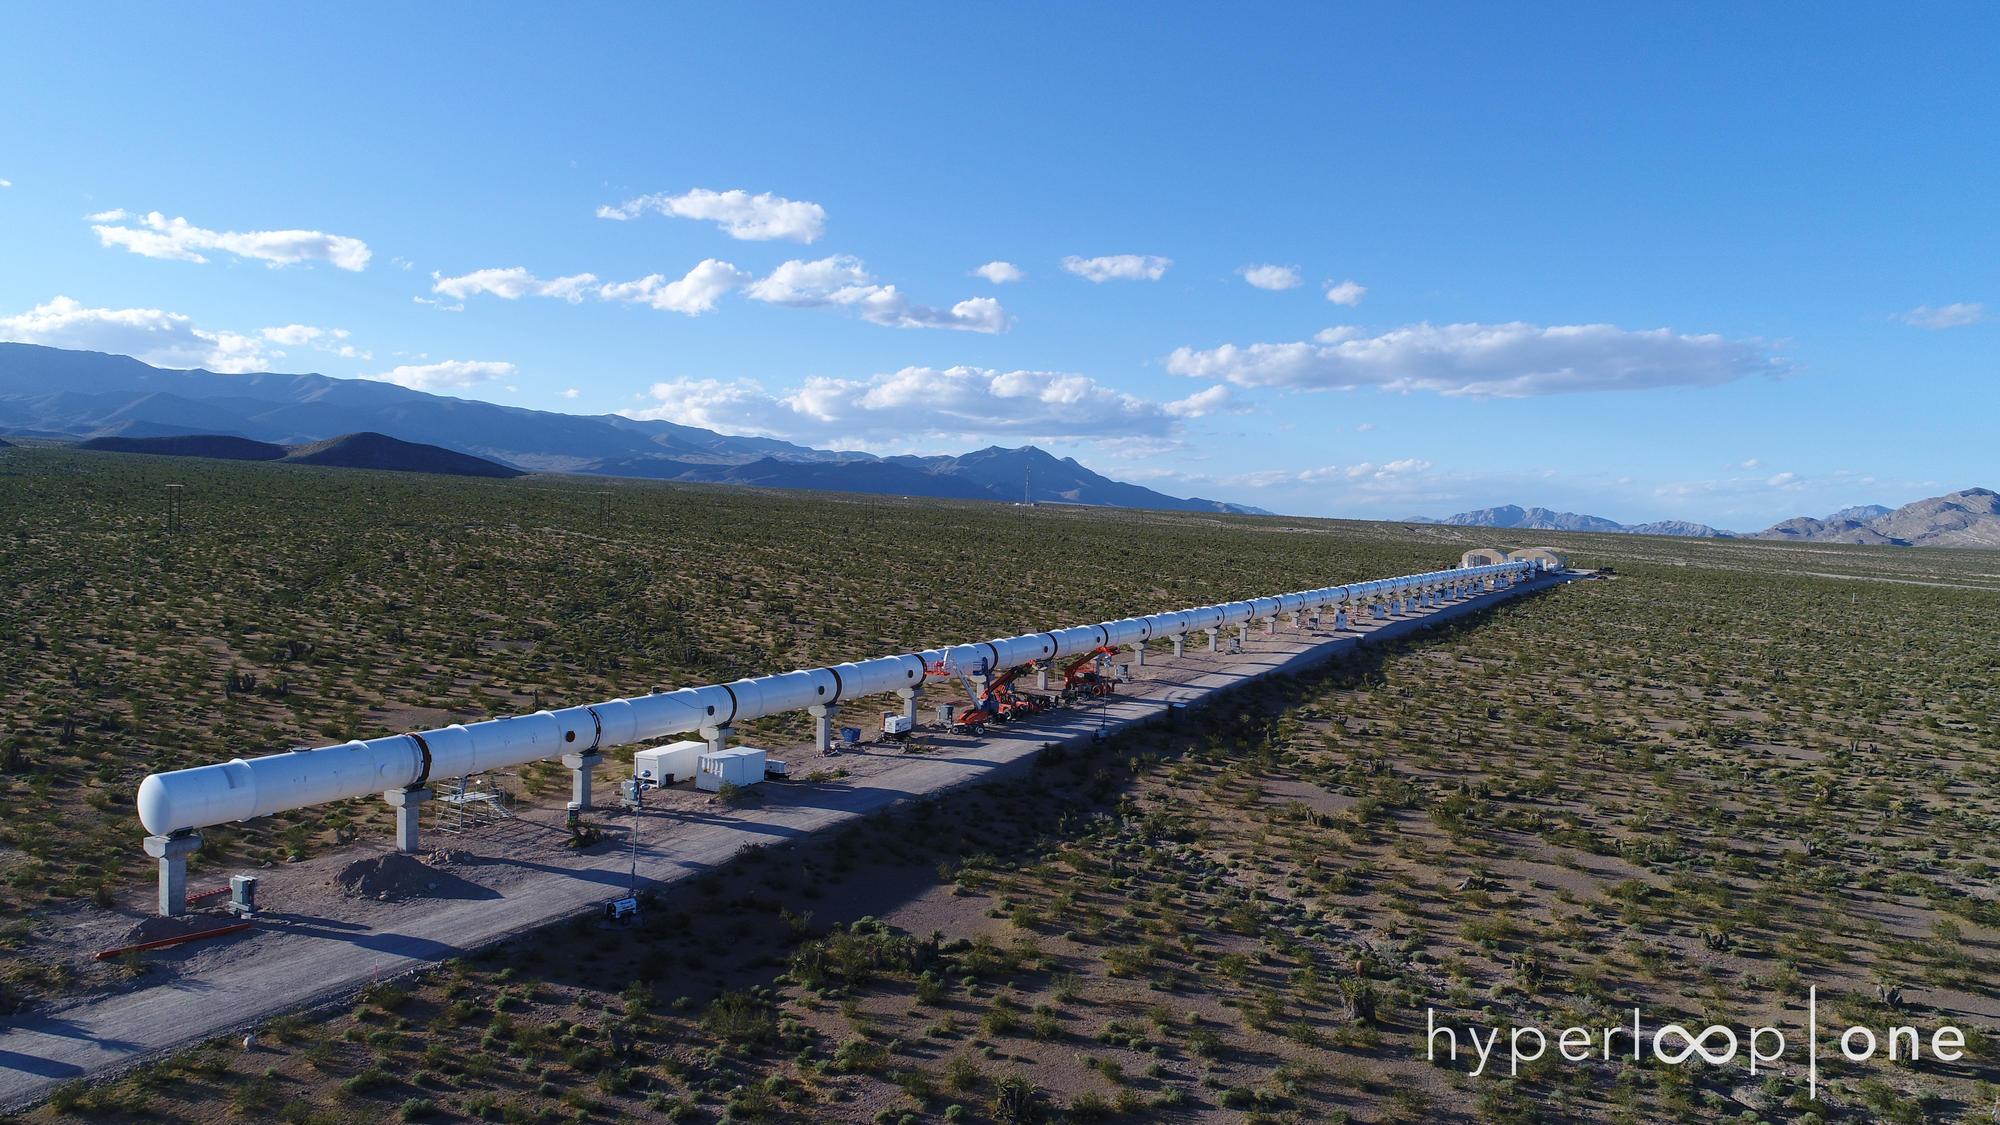 Trem de alta velocidade ultrapassa 300 km/h em teste